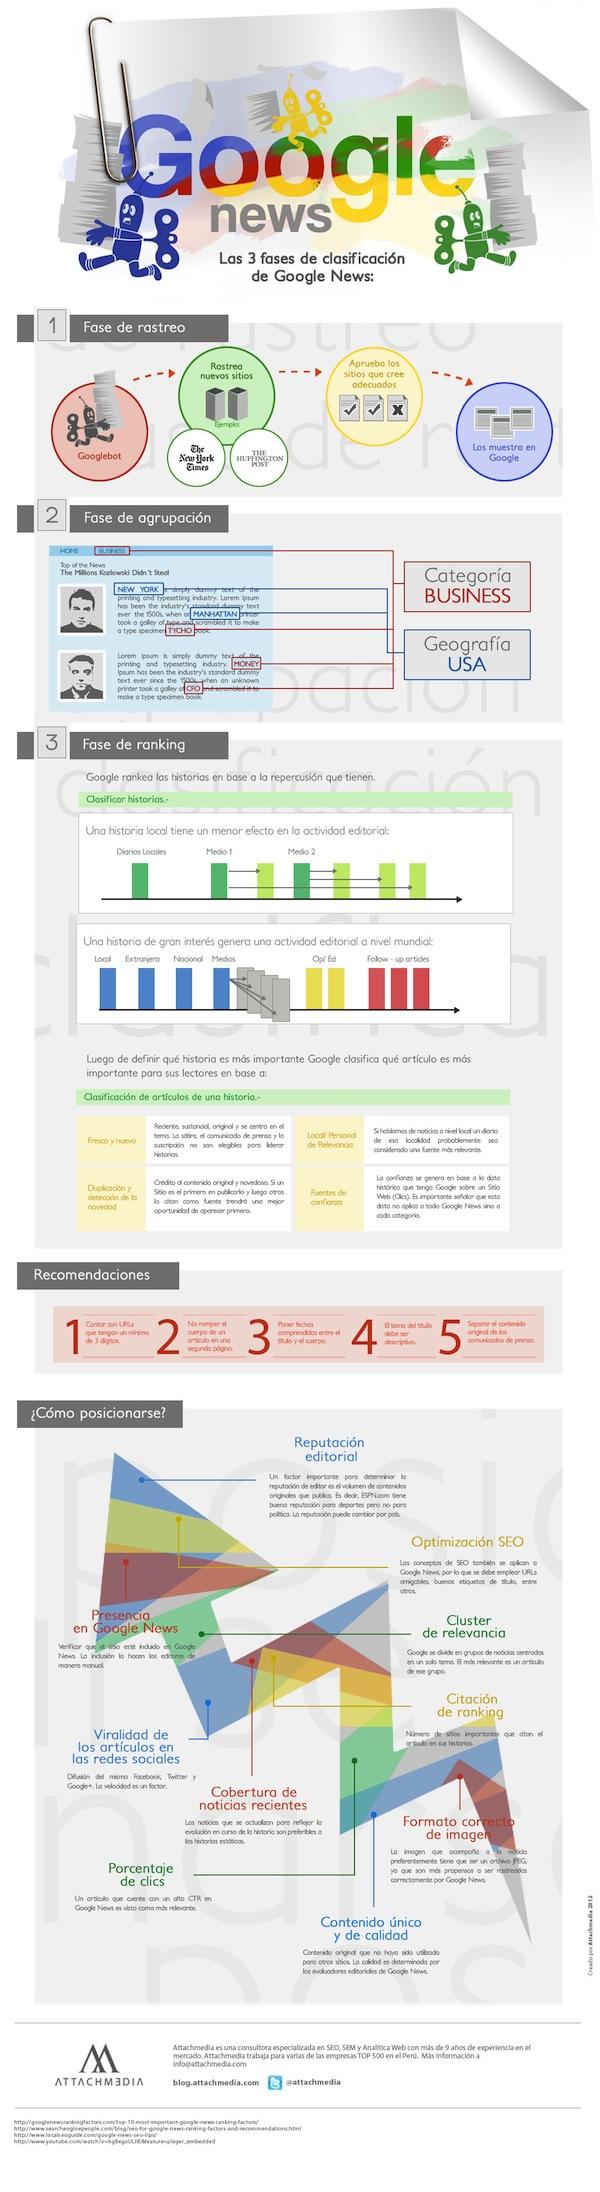 Cómo funciona Google News [Infografia] - Google_News_es2